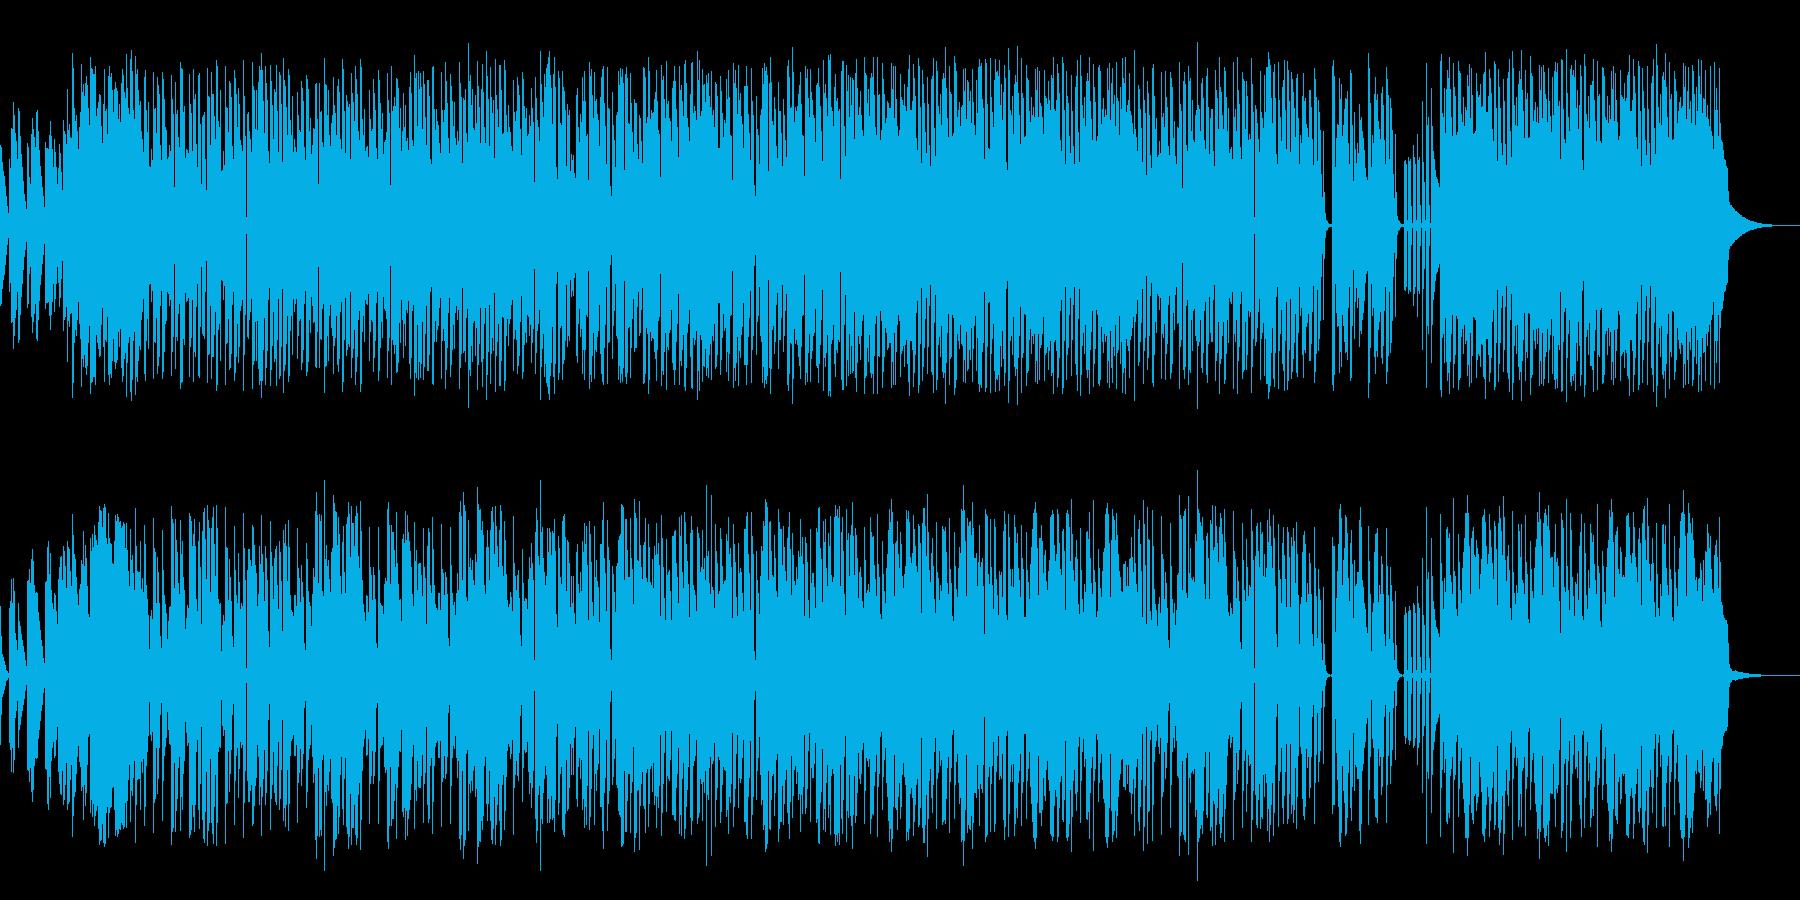 特に凹凸もなく物事が順調に進んでいく様子の再生済みの波形